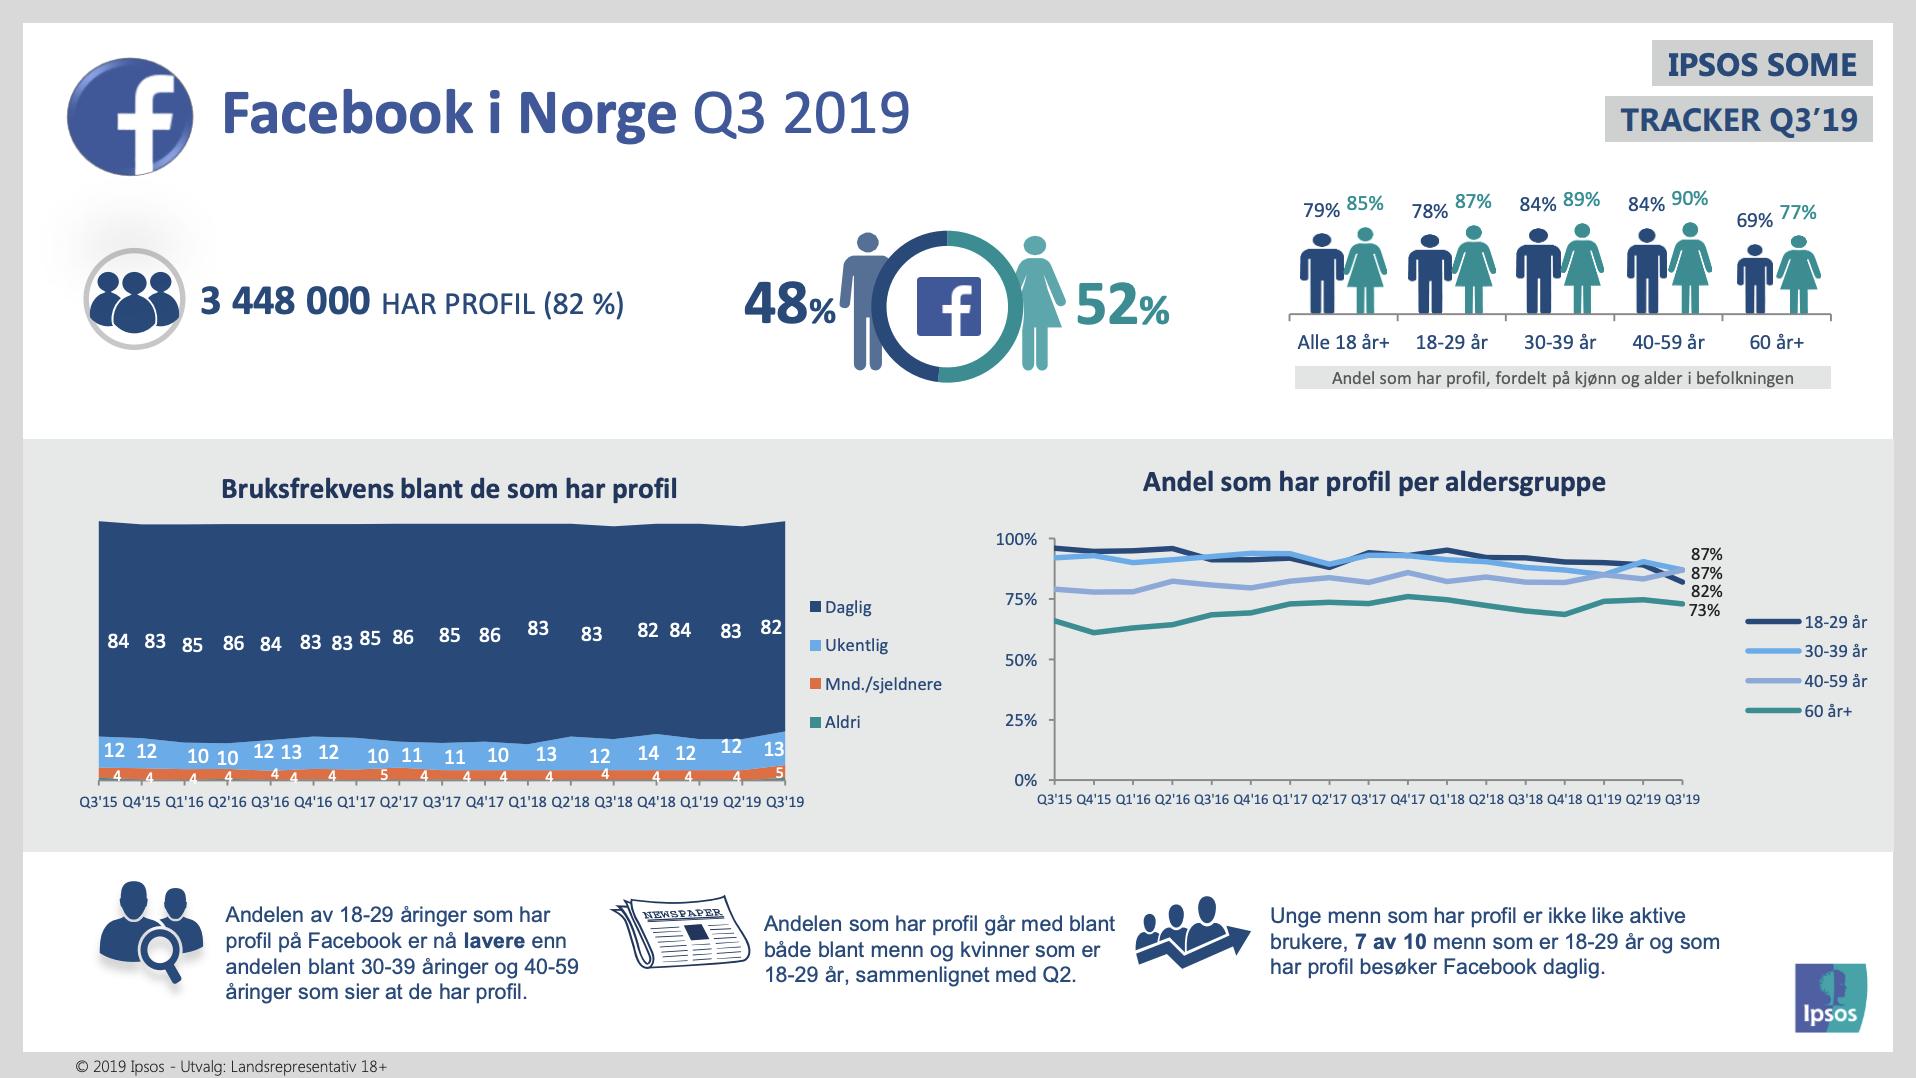 Facebook i Norge